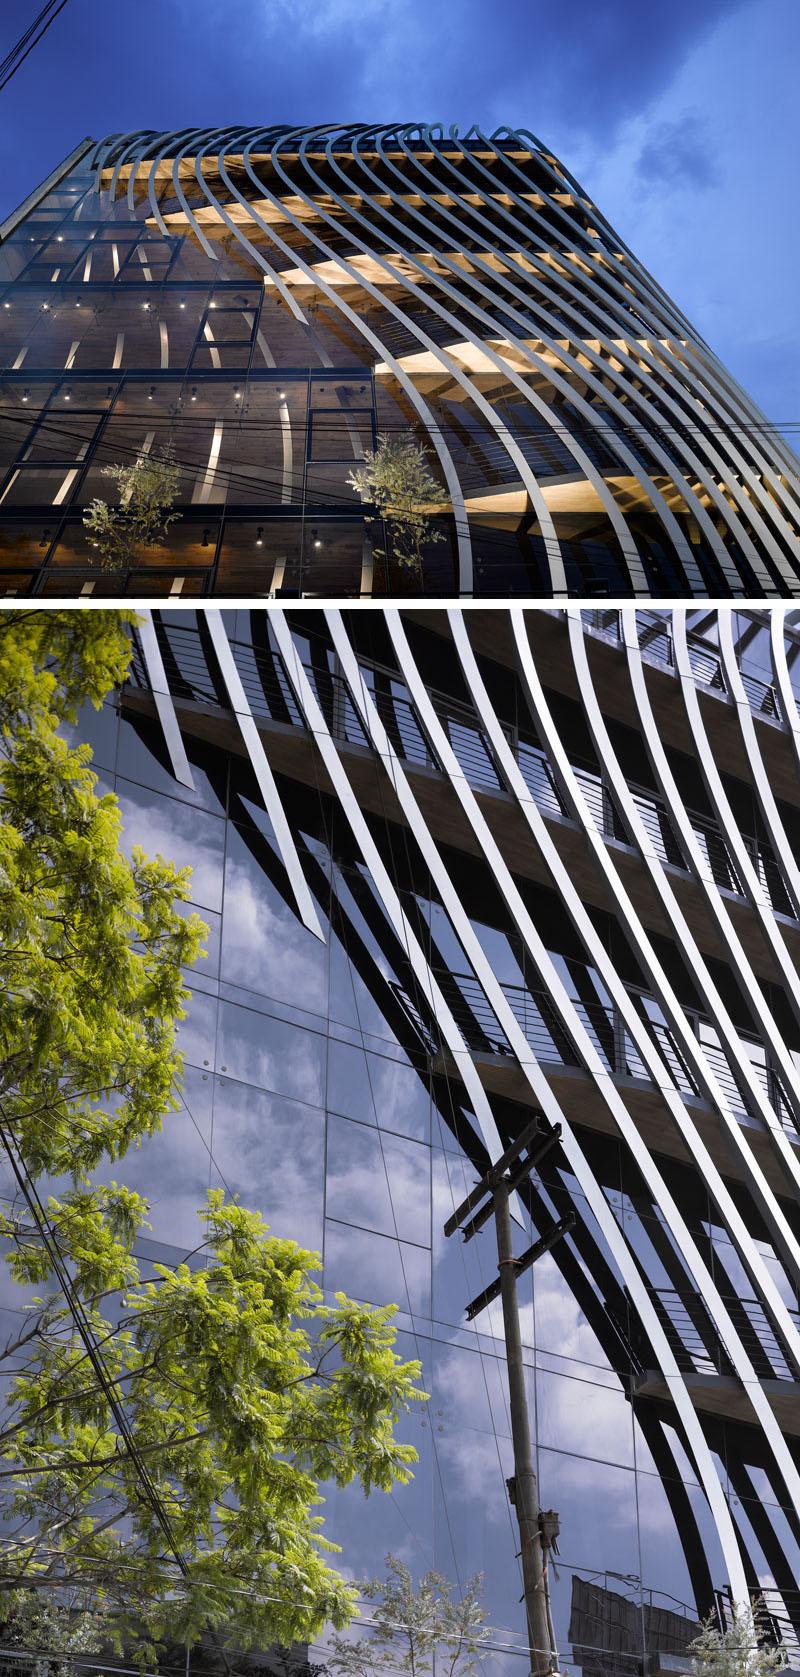 O clădire nouă din plăci metalice a fost proiectată în Mexico - O clădire nouă din